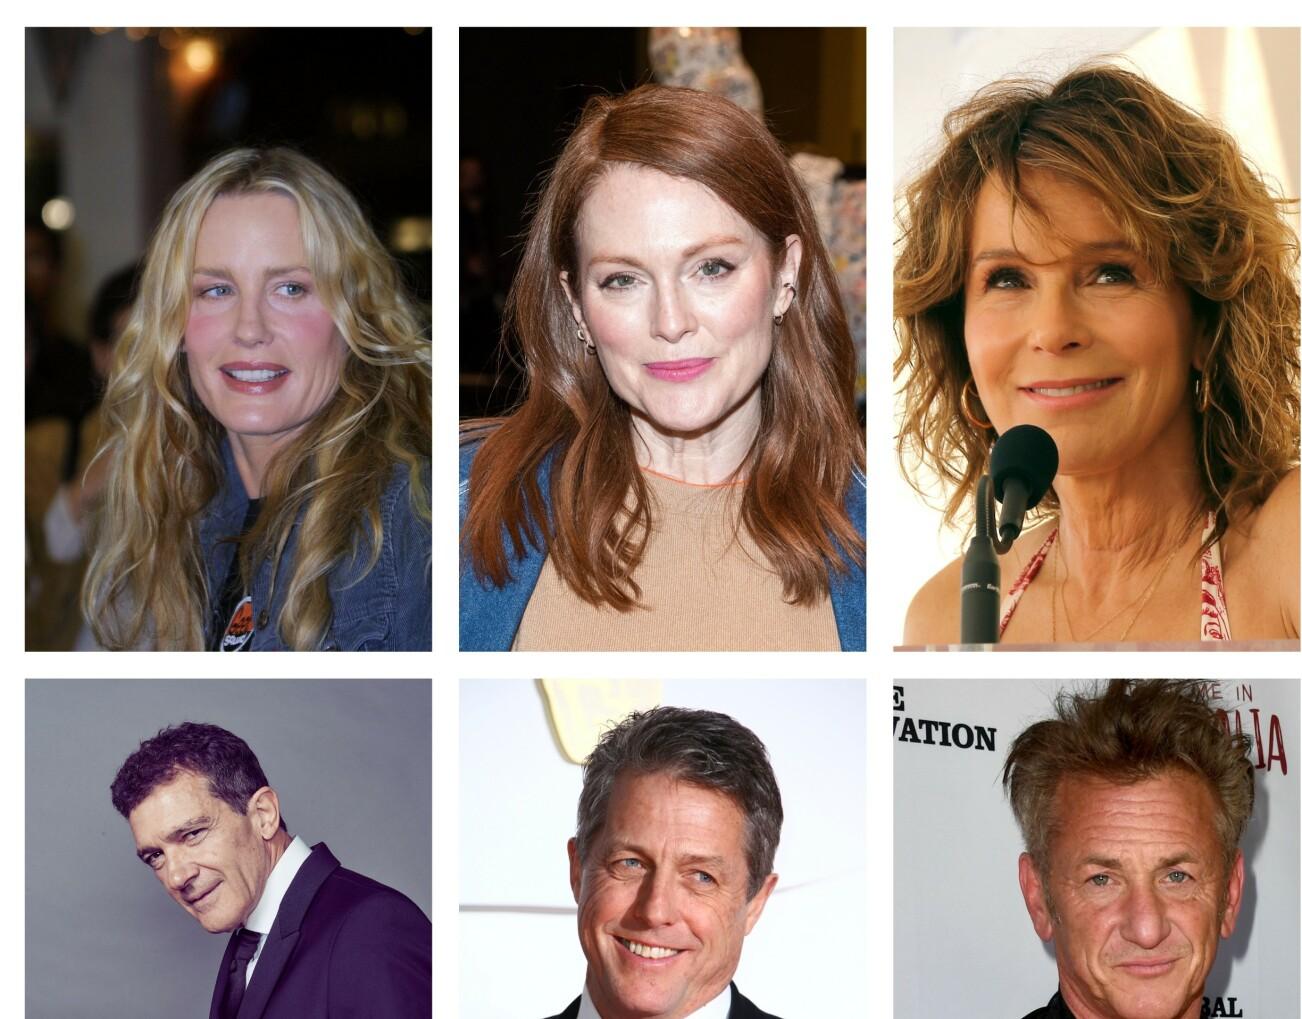 Skuespillerne Daryl Hannah, Julianne Moore, Jennifer Grey fra Dirty Dancing, Antonio Banderas, Hugh Grant og Sean Penn blir alle 60 i løpet av 2020. Foto: NTB/Scanpix